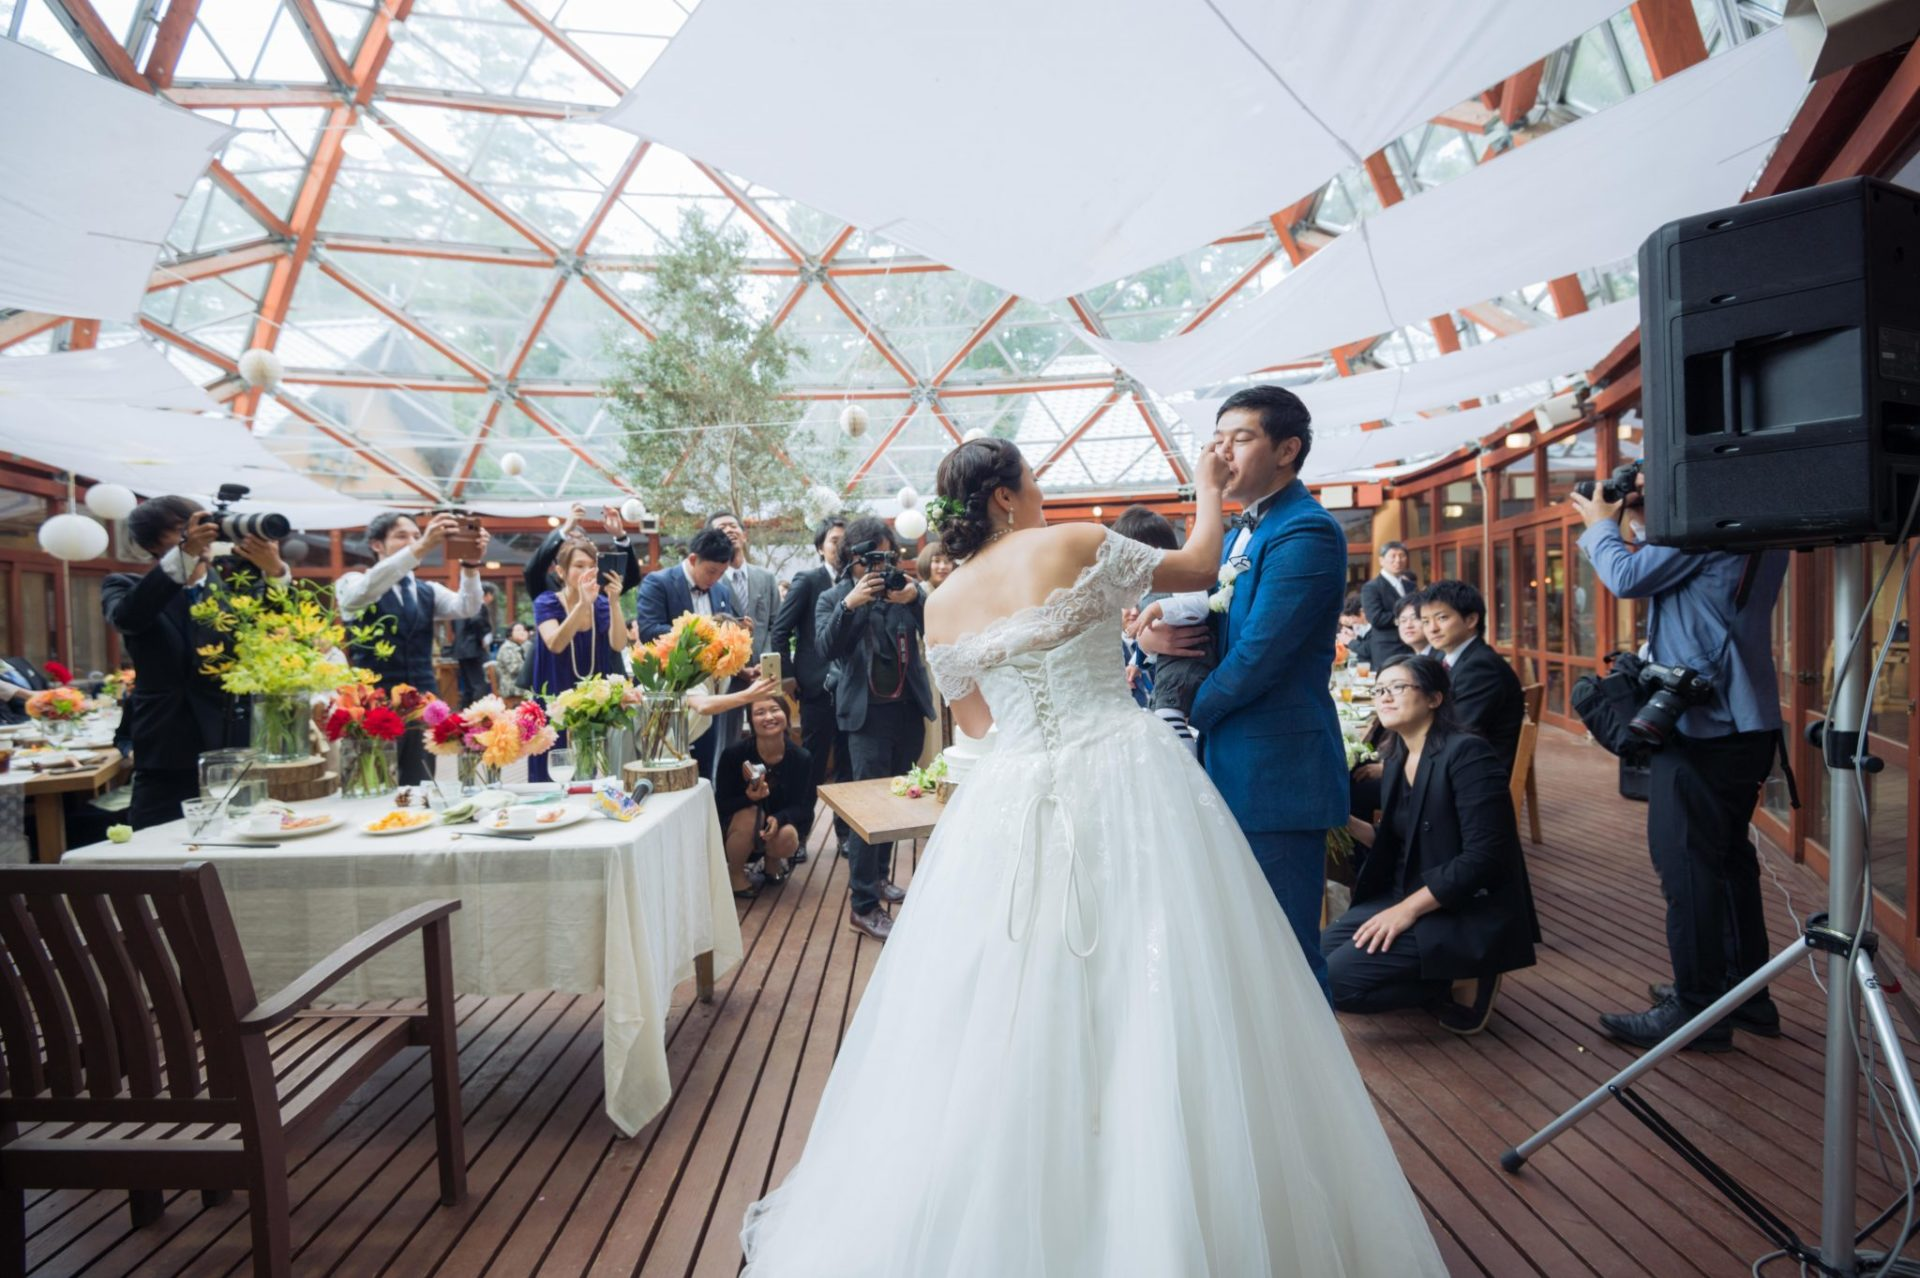 べるが(verga)での結婚式-ファーストバイト